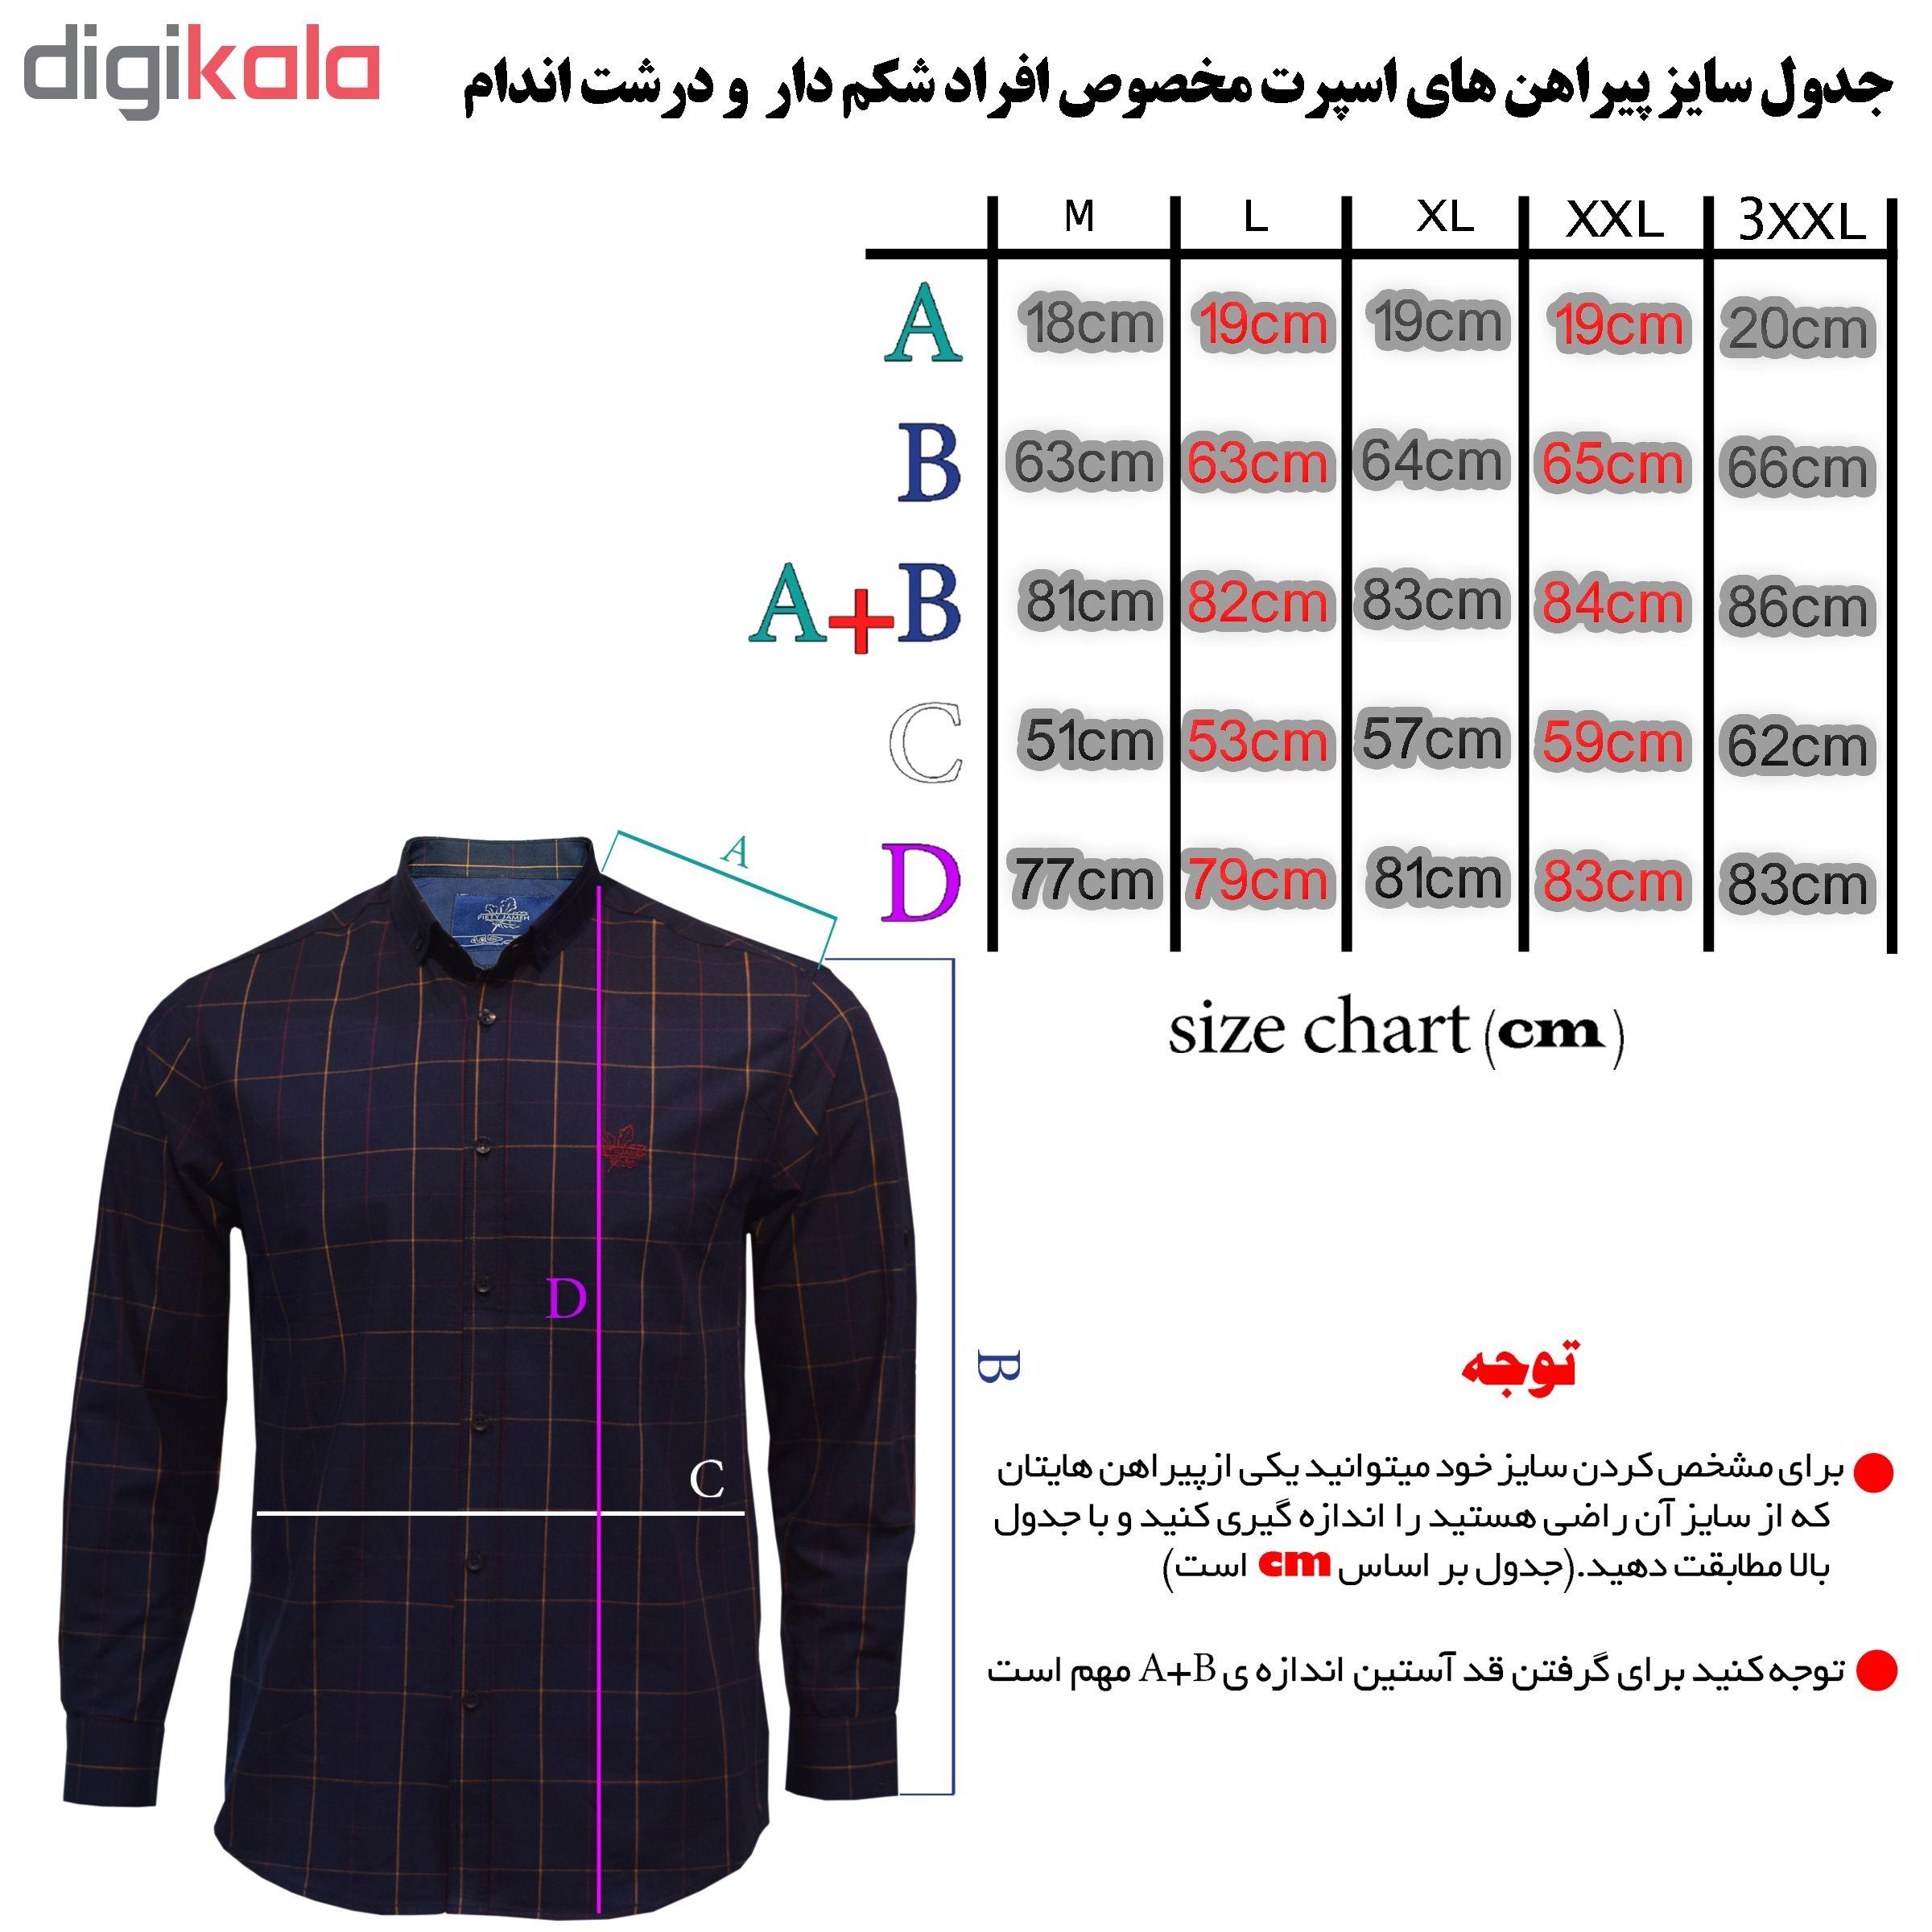 پیراهن مردانه پایتی جامه کد 1870977 main 1 1